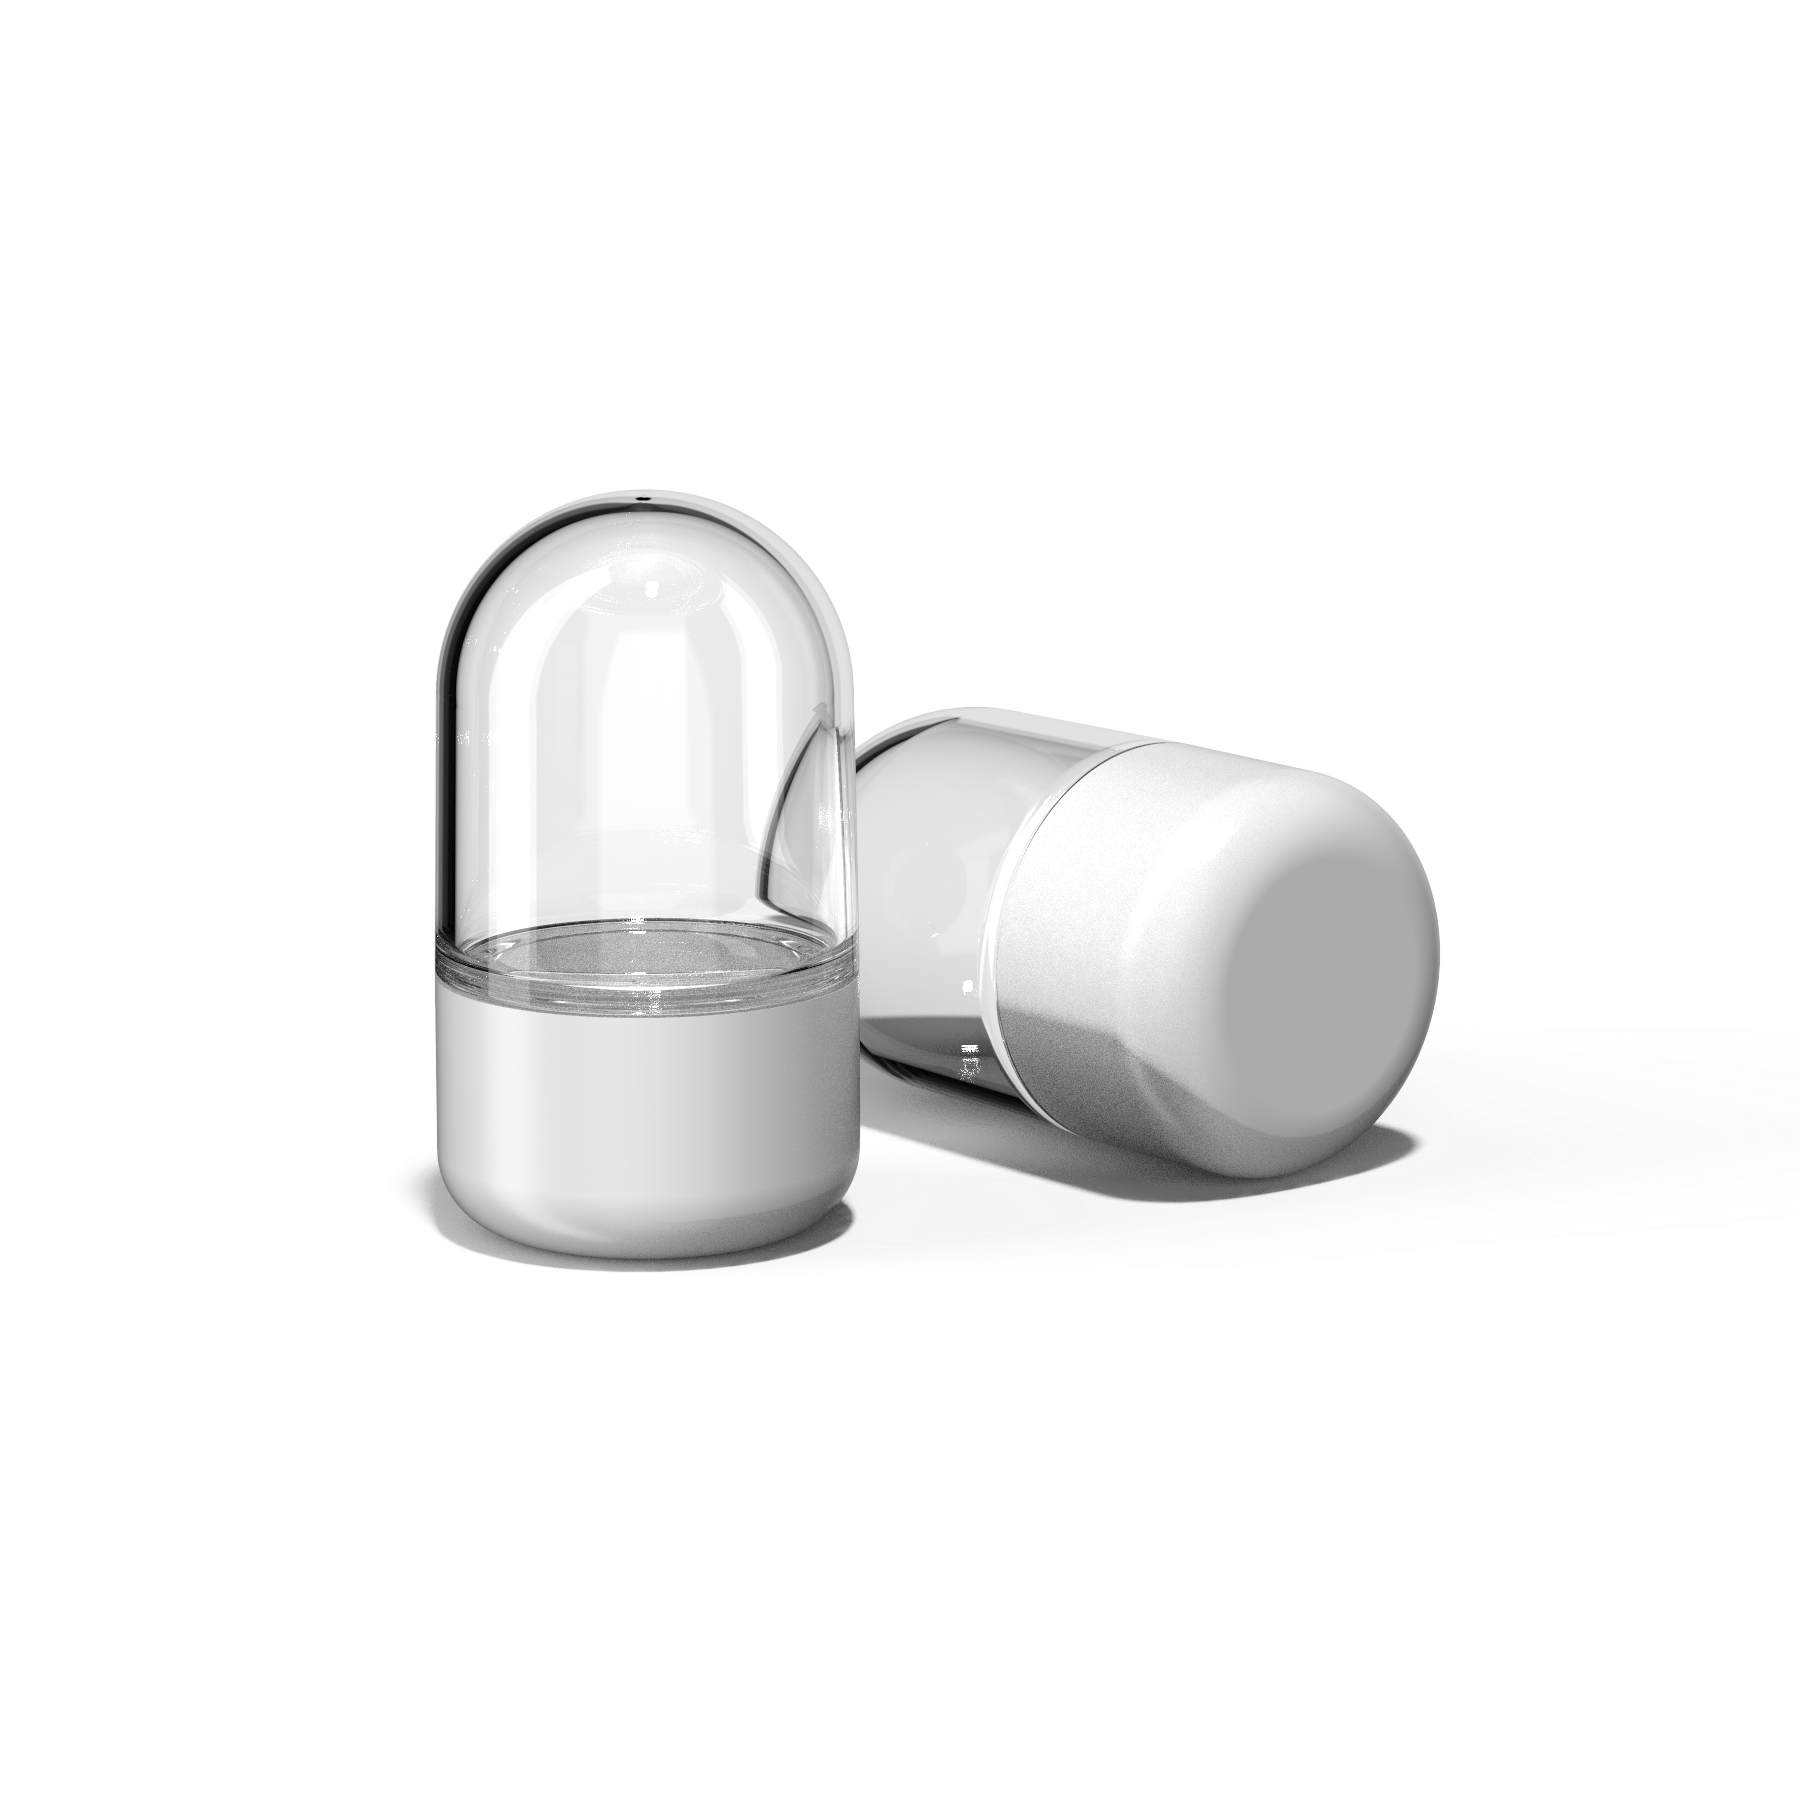 070220_PG_Render_Dome_Jar_Round_White